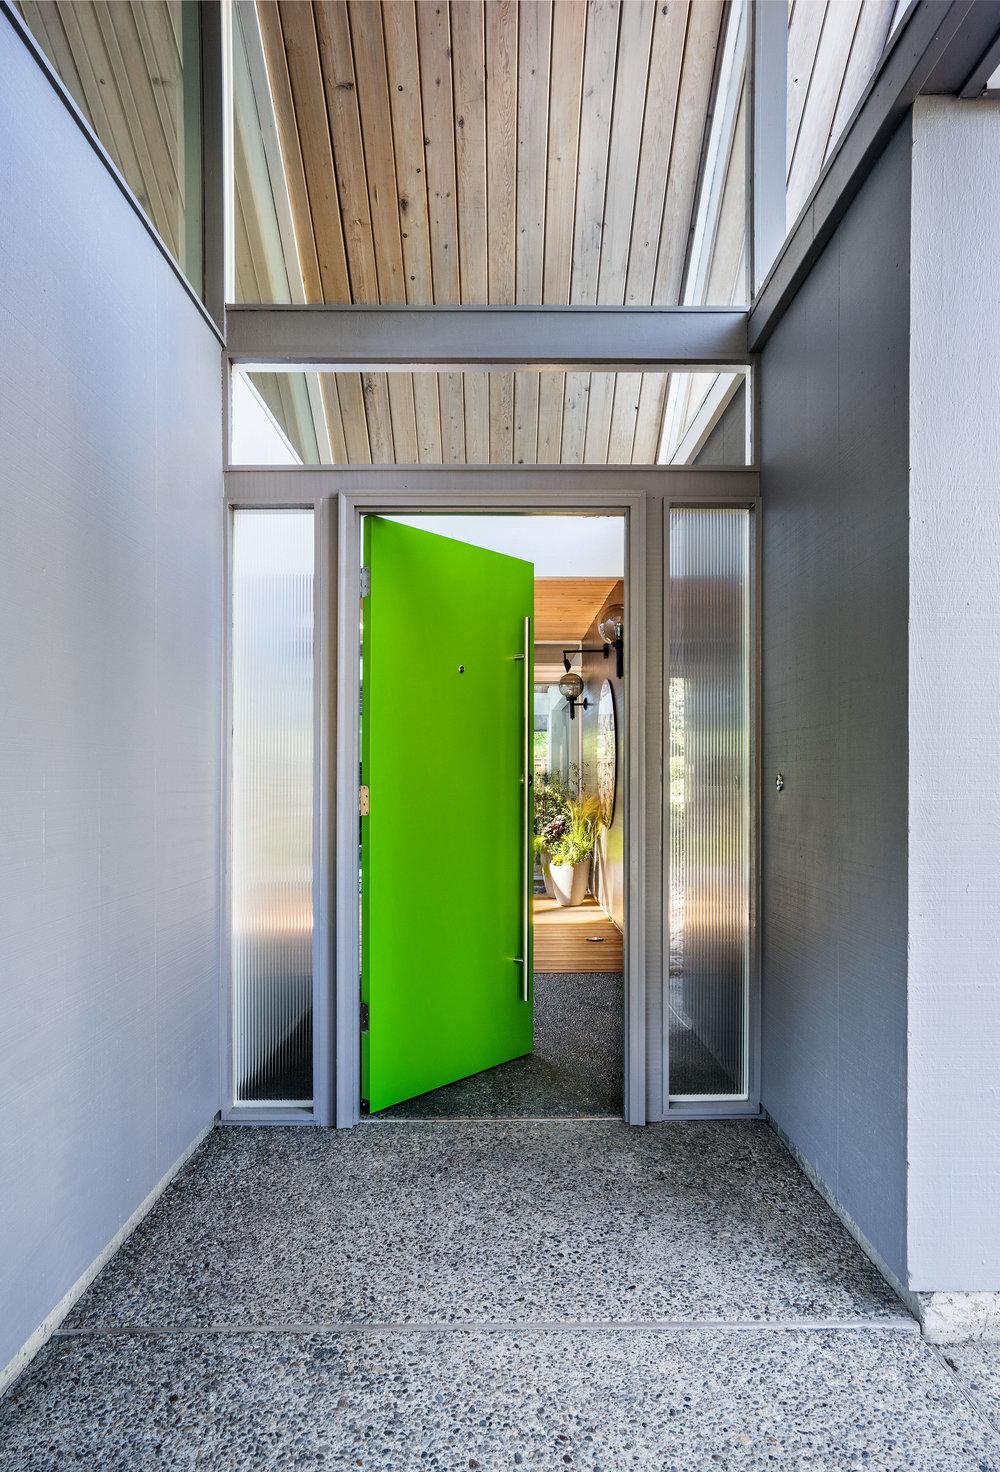 GHID-Raber_Front_Door_0821.jpg